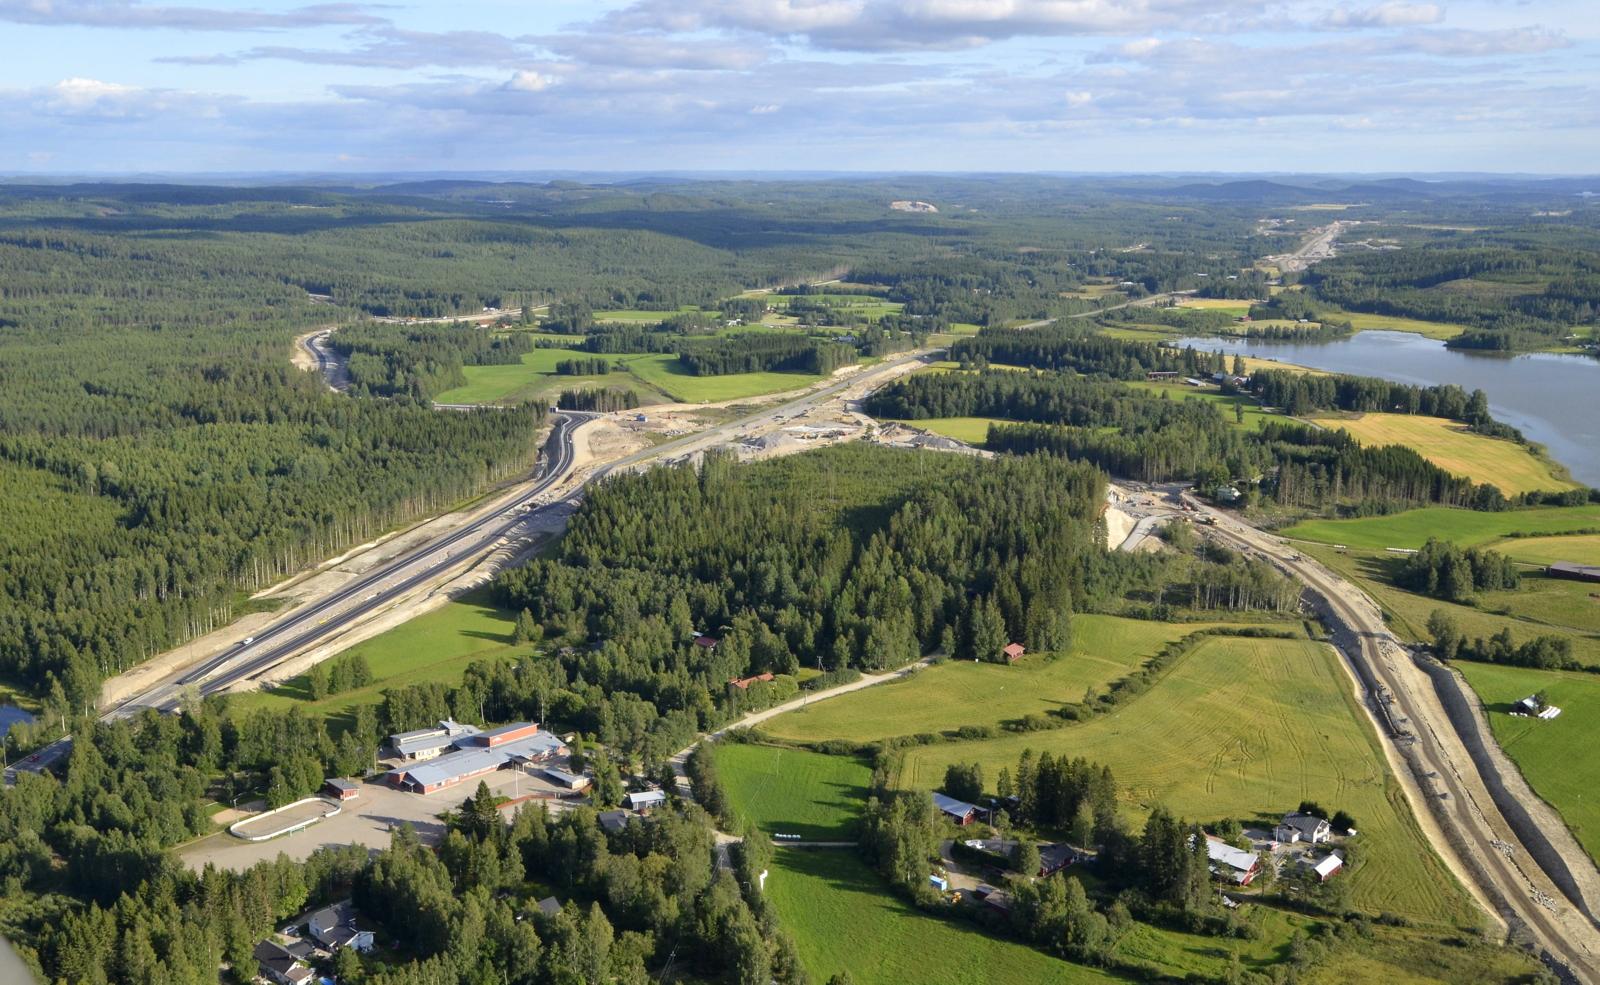 Oikealla rakenteilla oleva tie on uusi Vehniän läpi johtava tie.